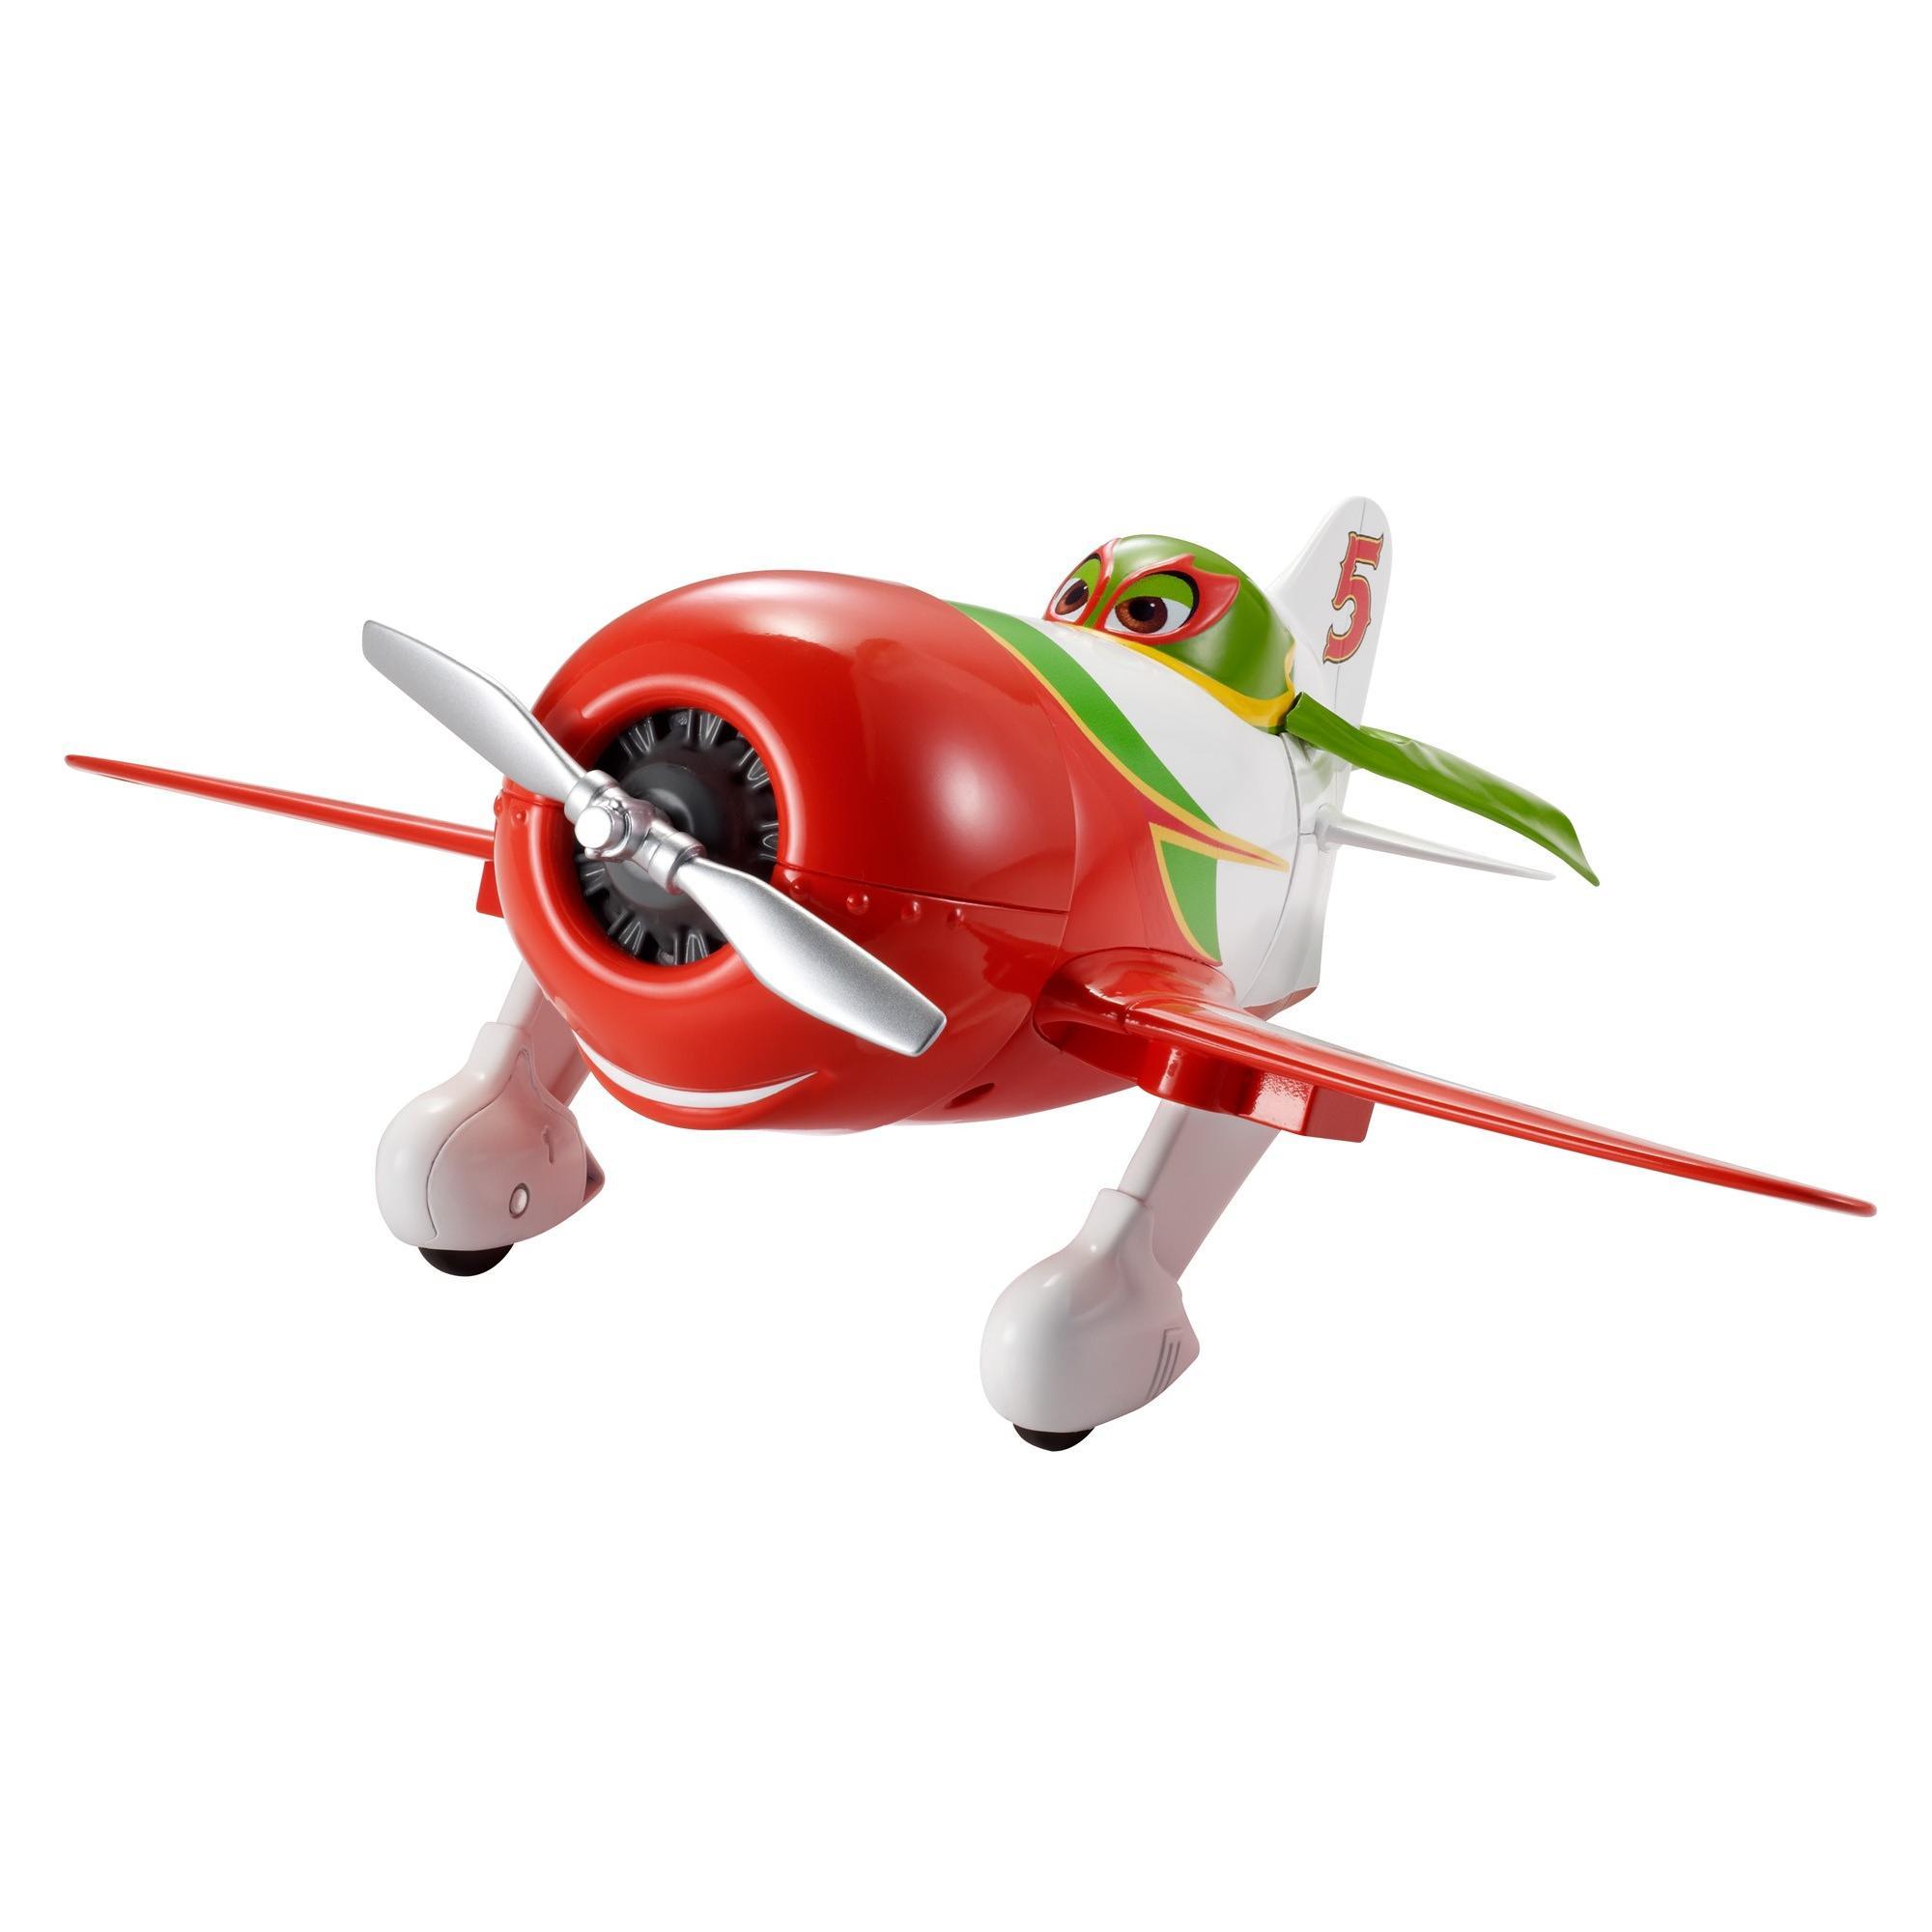 Disney Planes El Chupacabra Deluxe Talking Plane